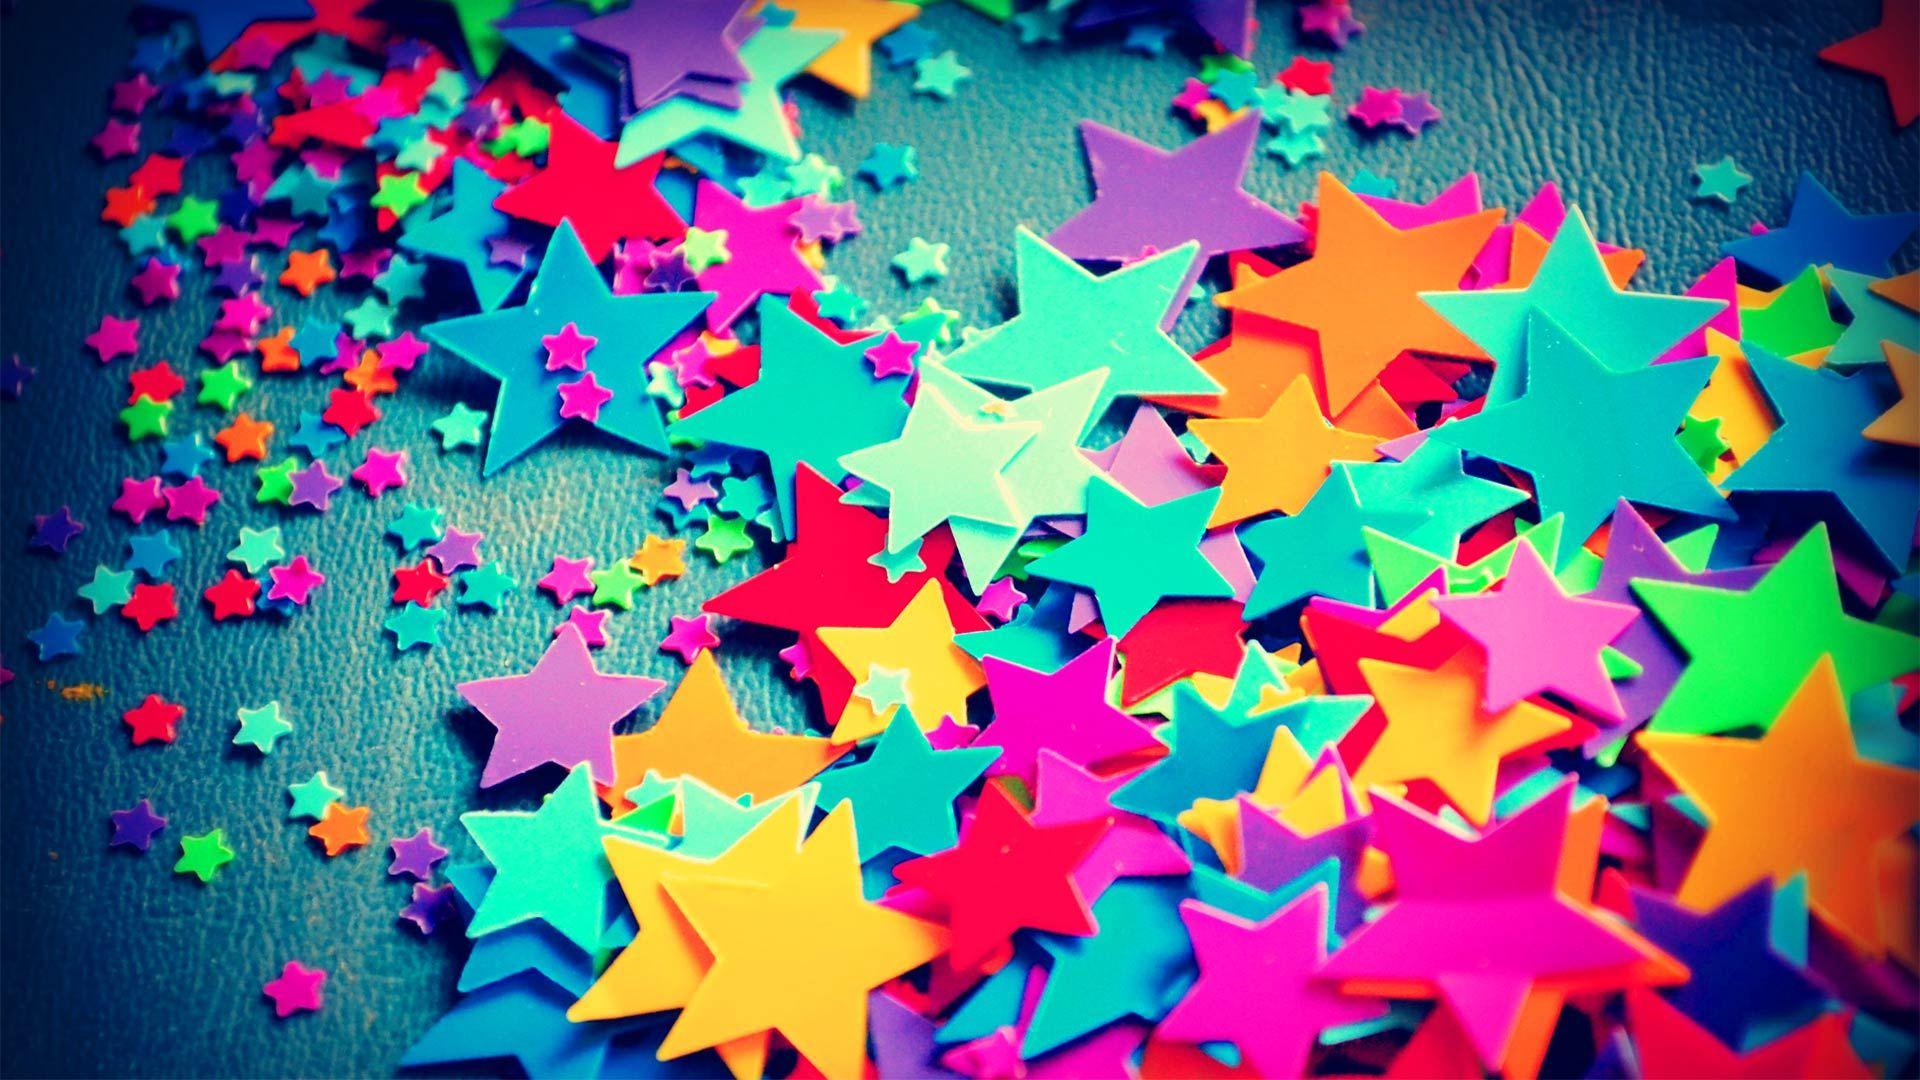 Fondos De Corazones Y Estrellas: Fondo Pantalla Estrellas De Colores